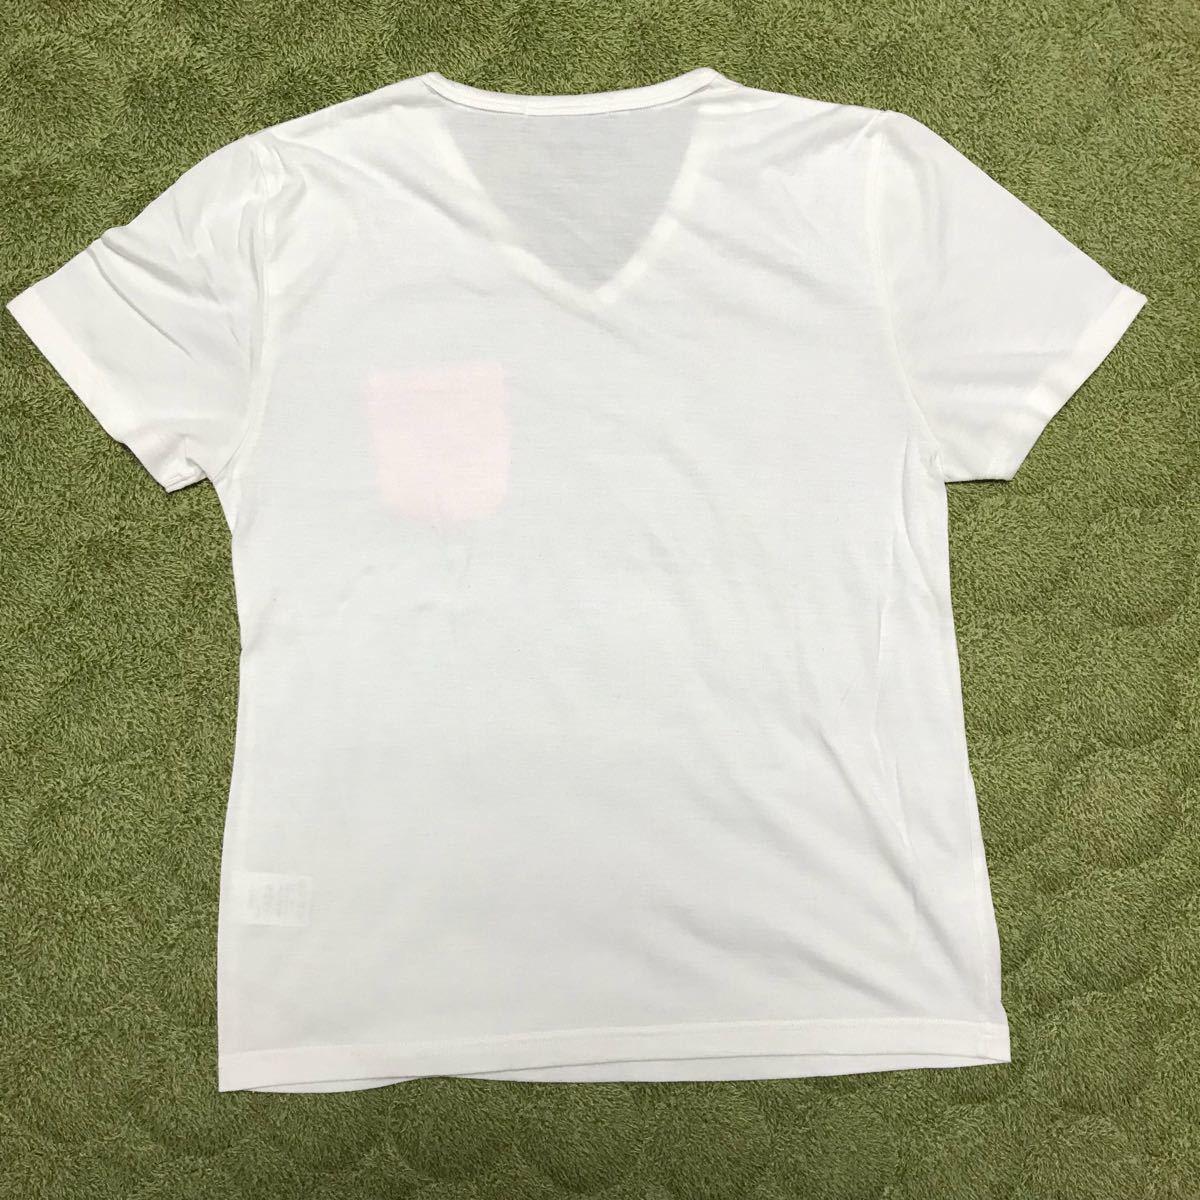 白 半袖 Tシャツ Vネック メンズ M レディースとしても